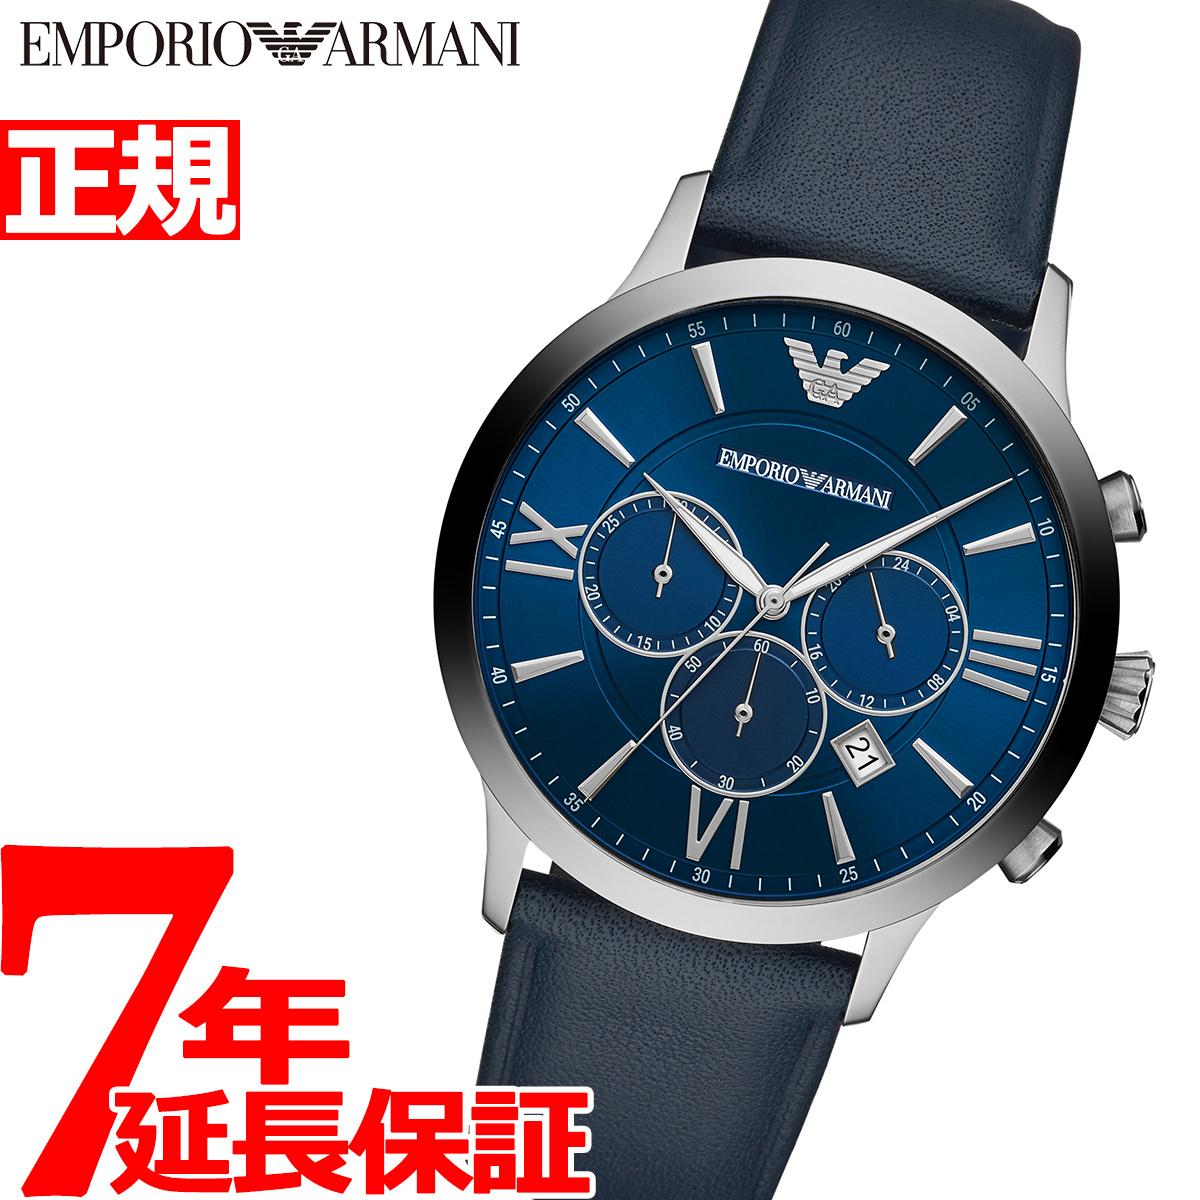 【5日0時~♪10%OFFクーポン&店内ポイント最大51倍!5日23時59分まで】エンポリオアルマーニ EMPORIO ARMANI 腕時計 メンズ クロノグラフ AR11226